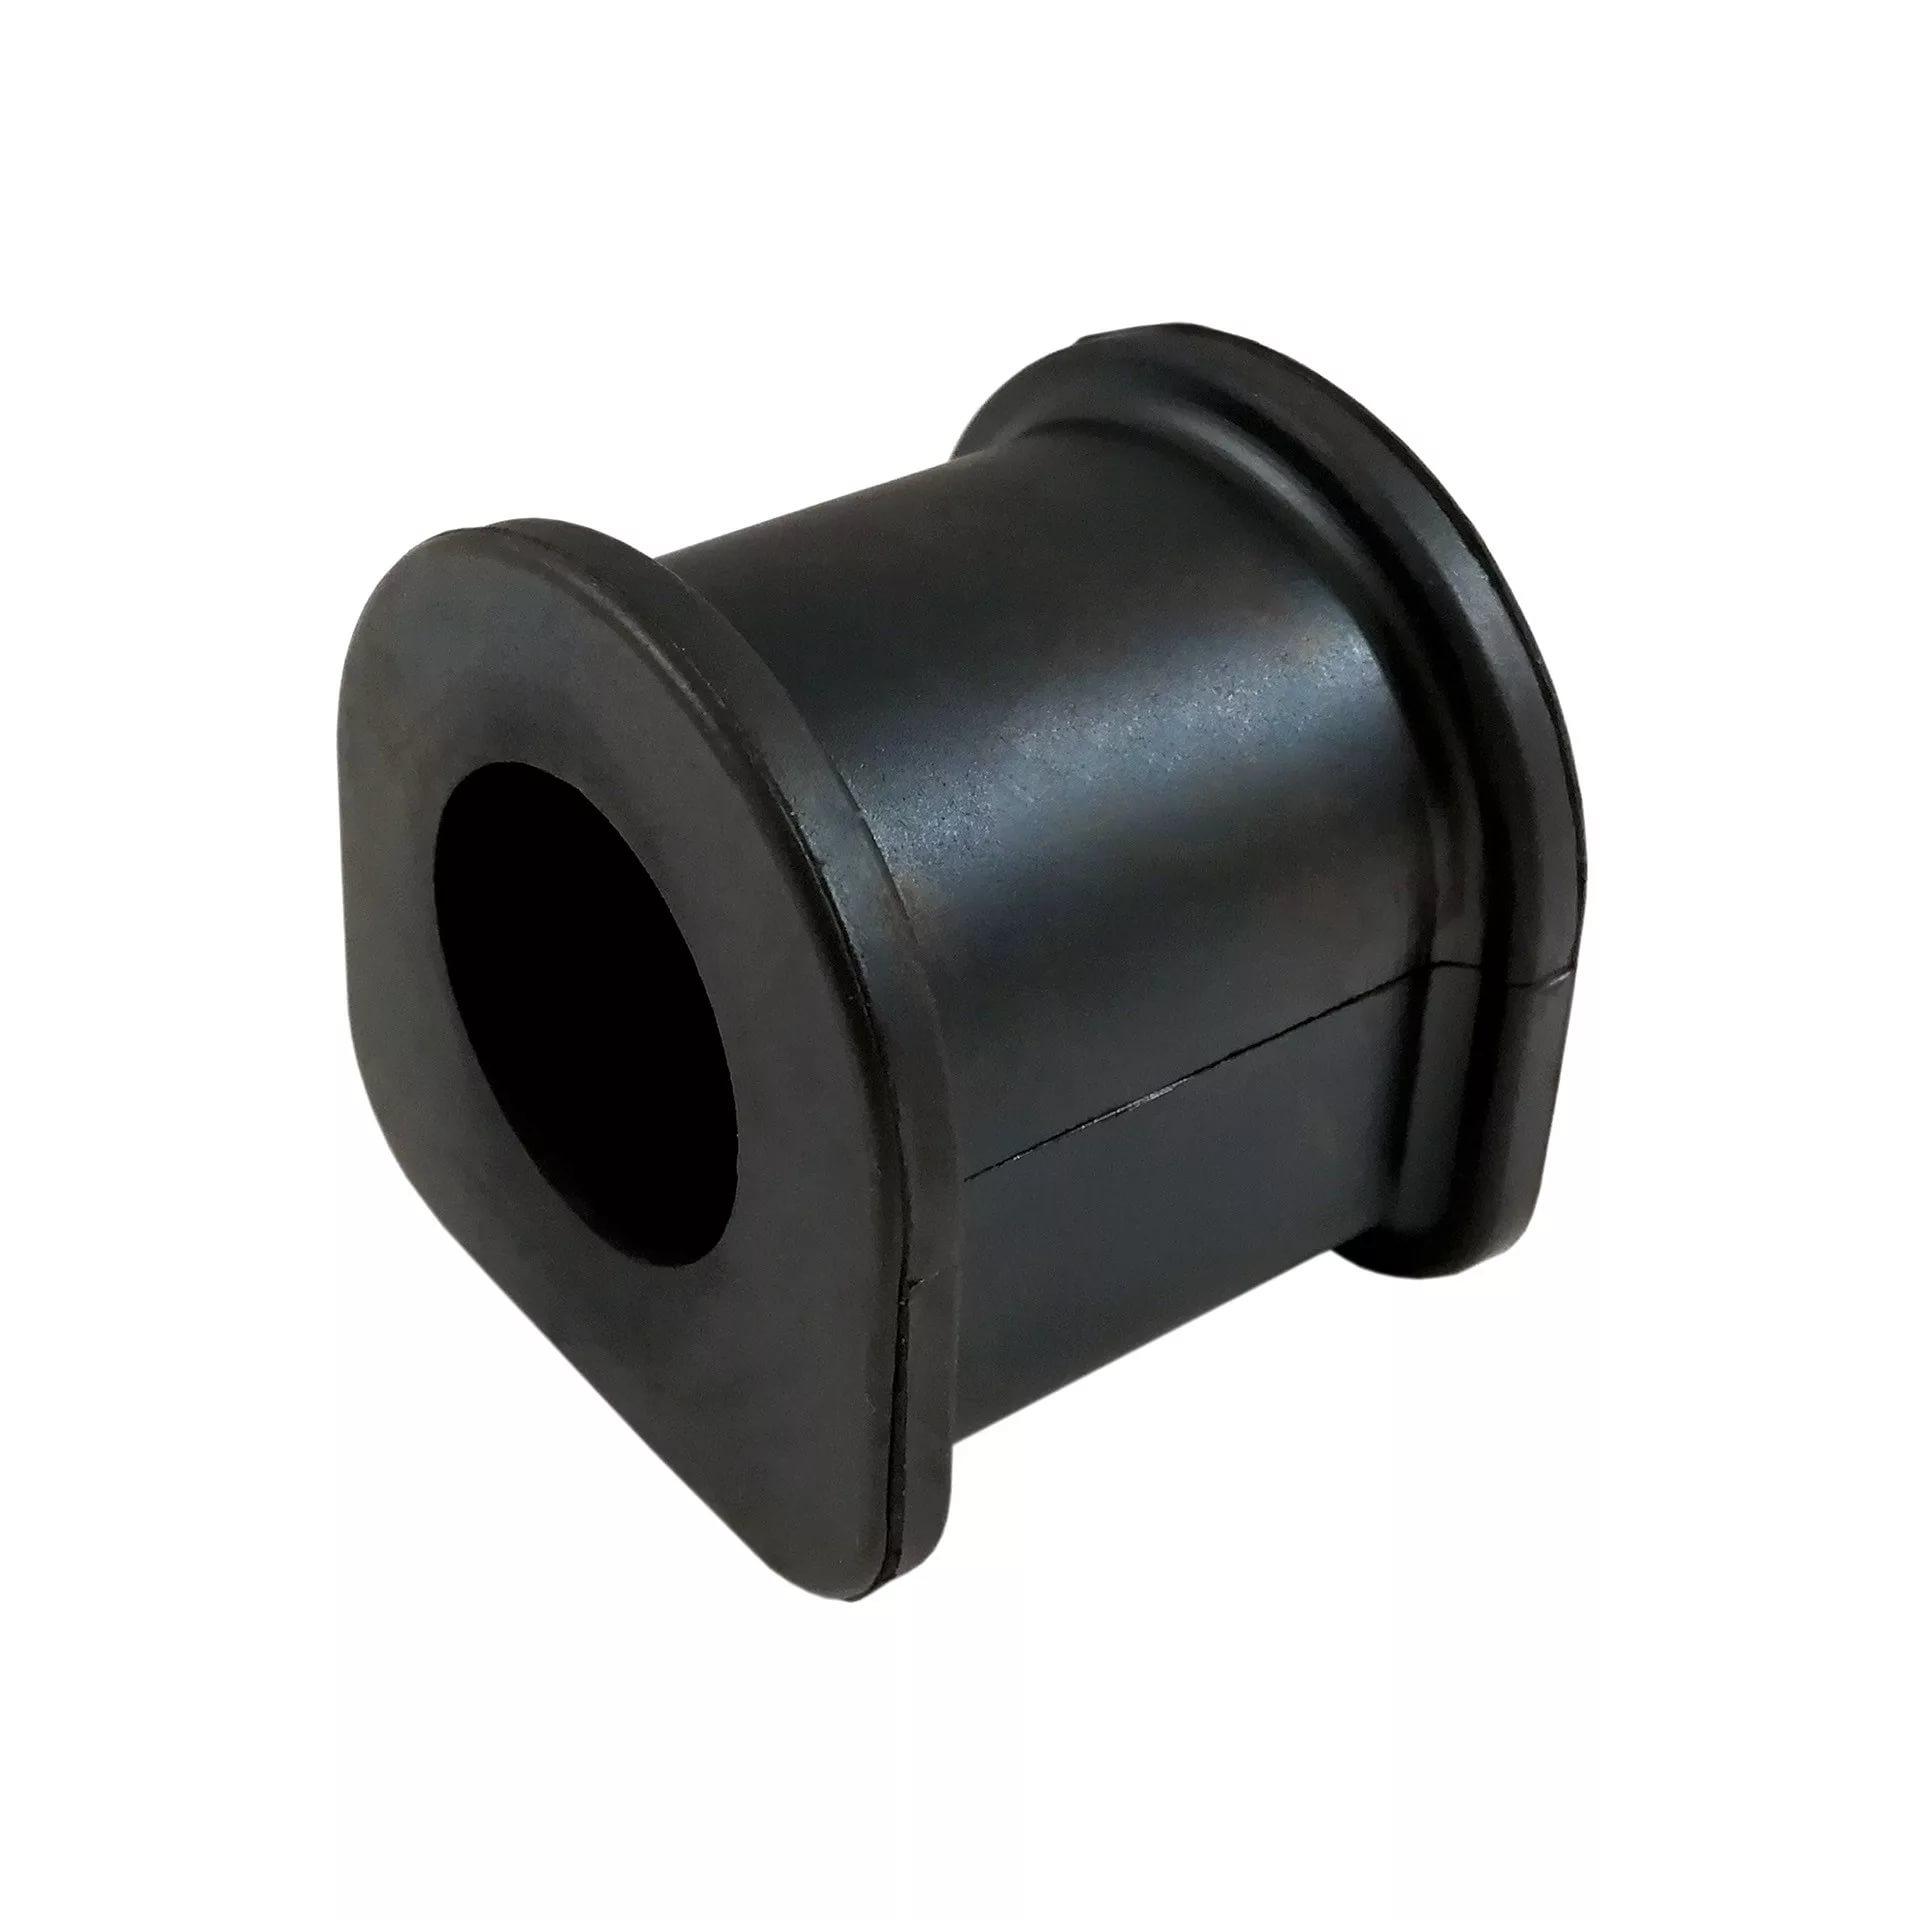 Втулка стабилизатора переднего центральная peugeot 307 1.4-2.01.4-2.0d 00 3749301